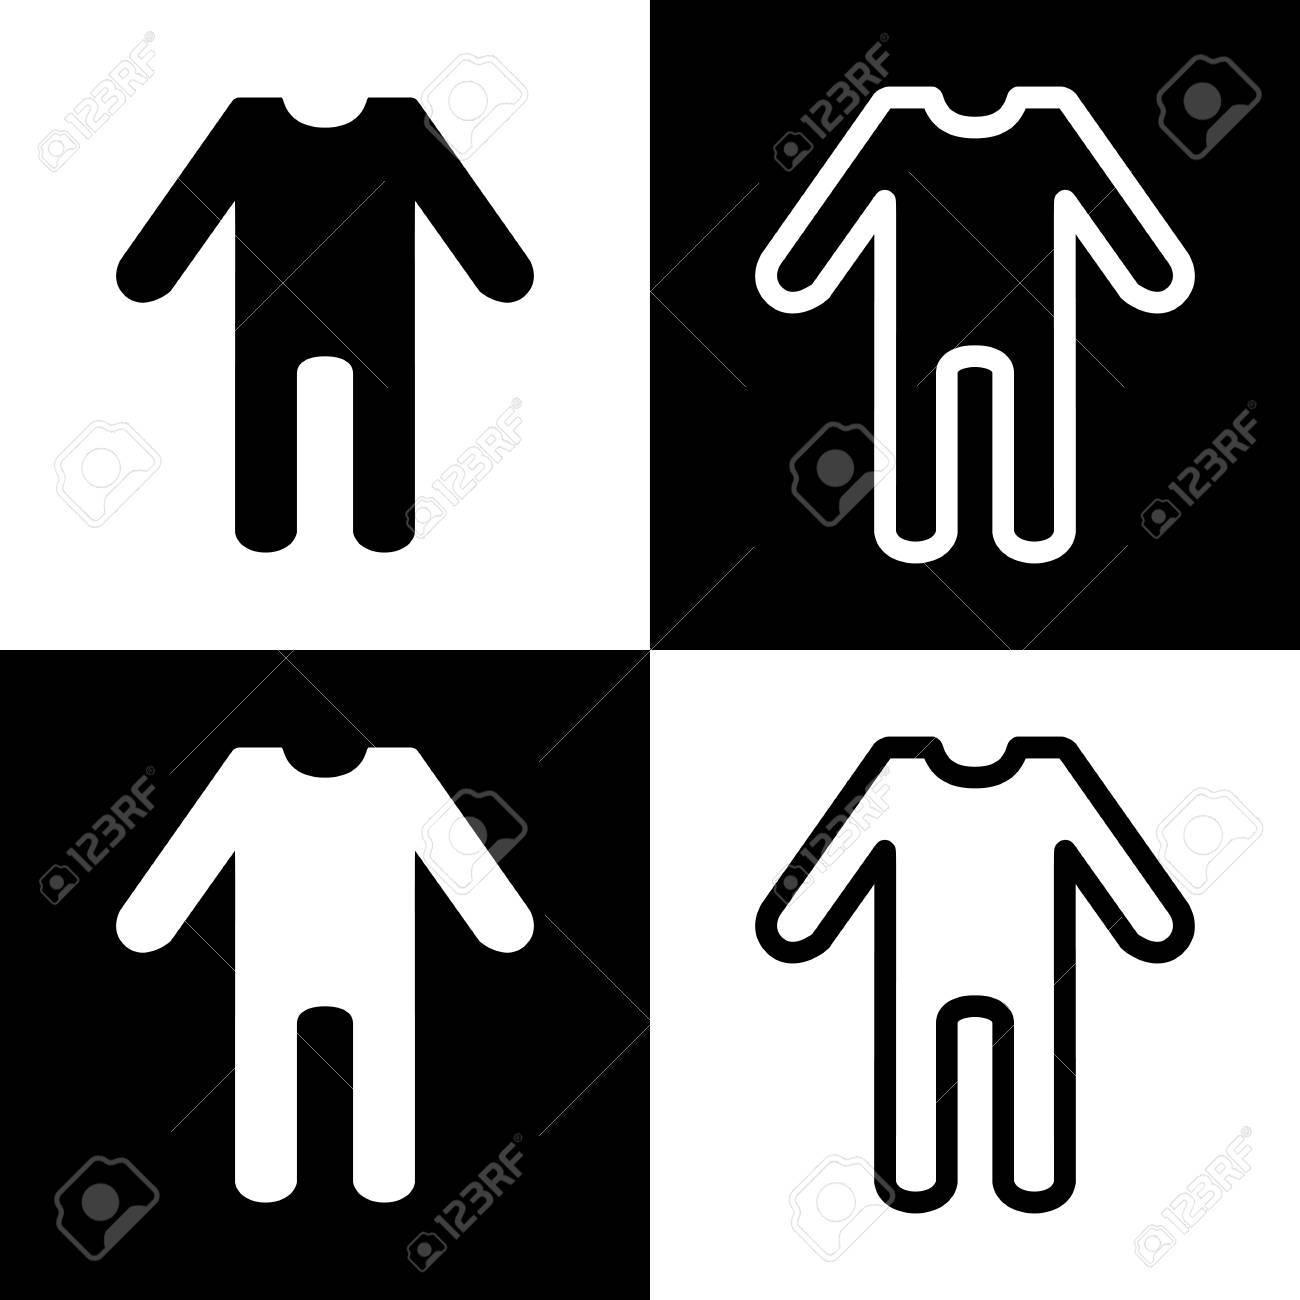 Foto de archivo - Signo de ropa de bebé. Vector. Iconos de blanco y negro y  el icono de línea en el tablero de ajedrez. 737adabeb6f9